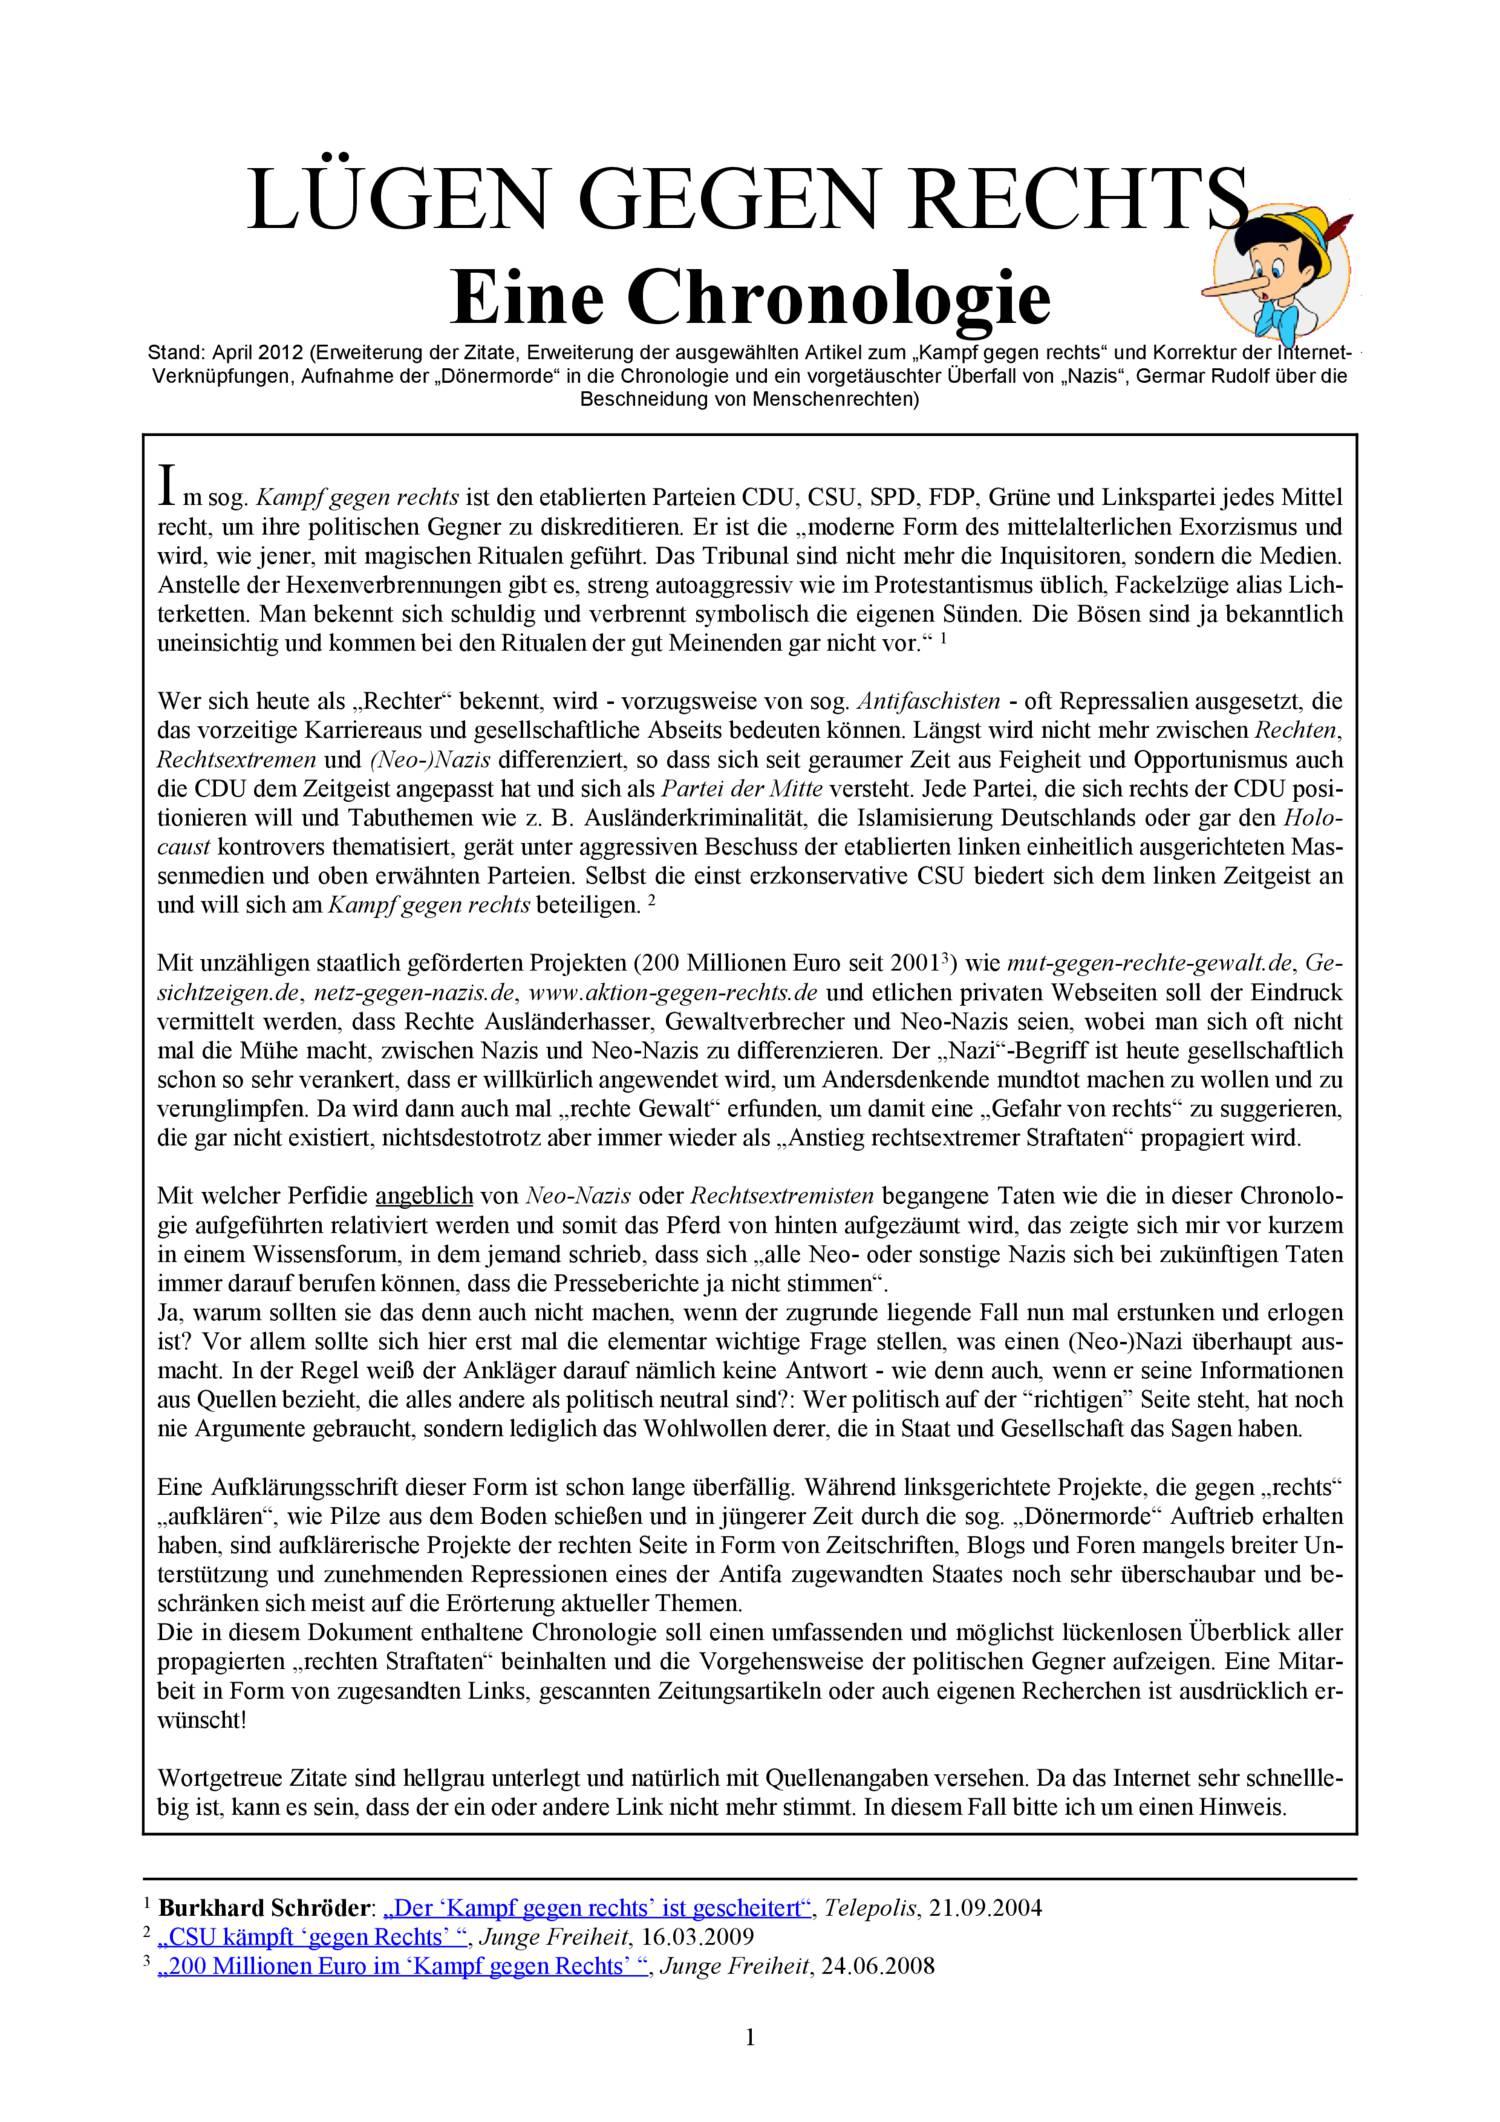 lügen gegen rechts - eine chronologie.pdf - docdroid